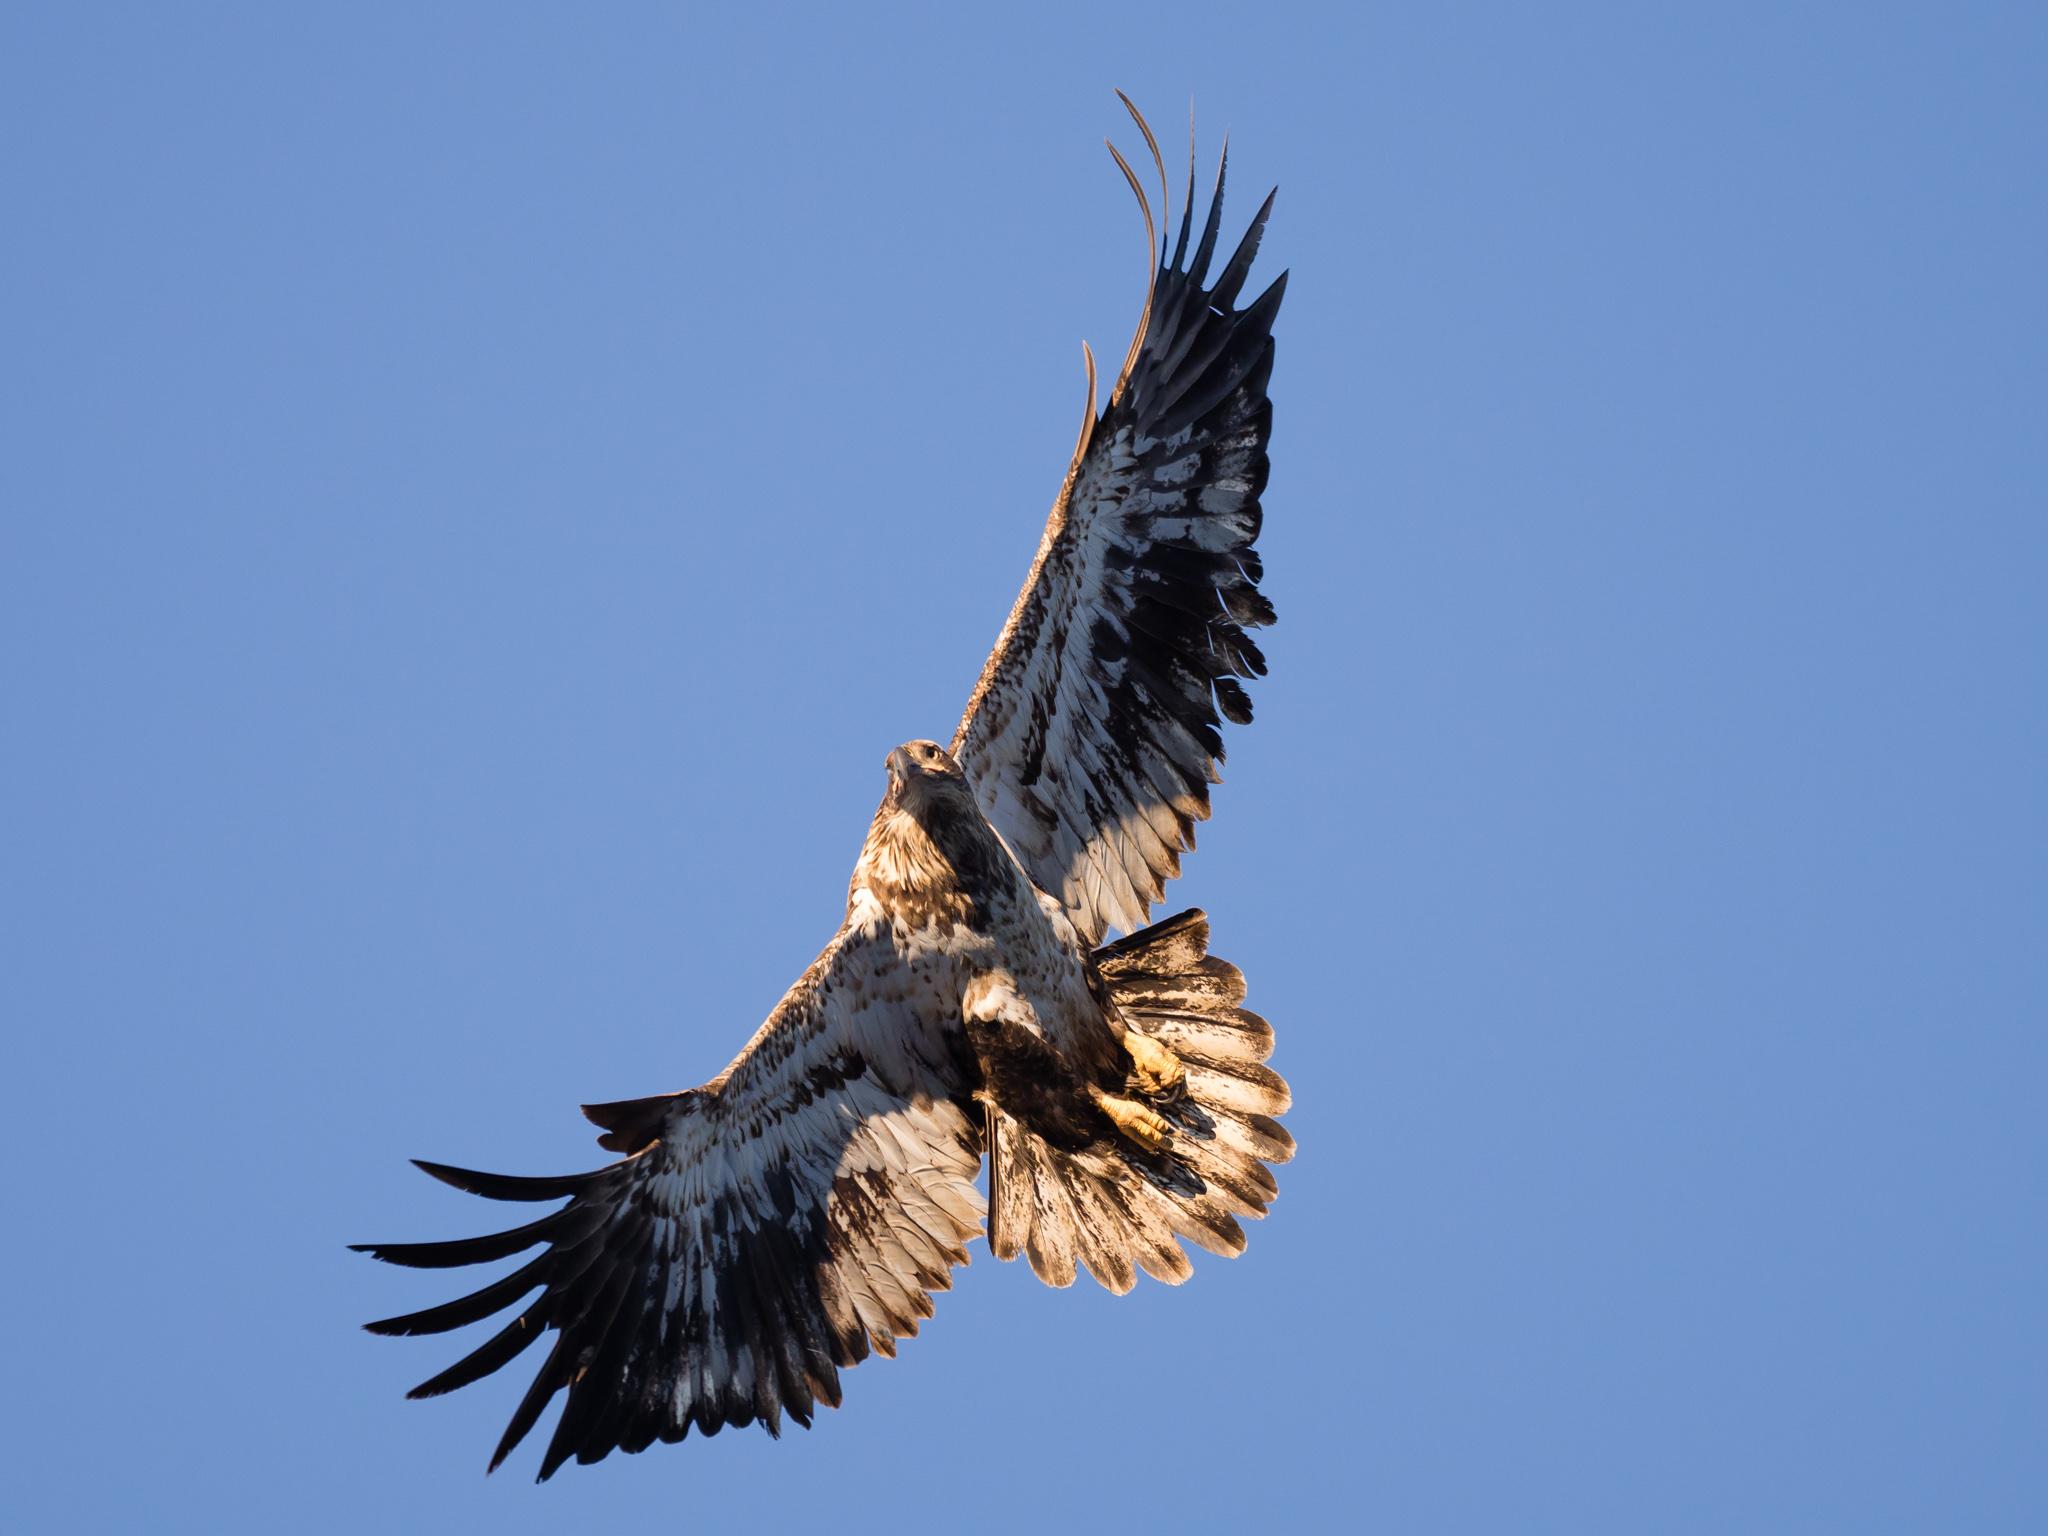 7700 Koleksi Gambar Burung Rajawali Paling Bagus HD Terbaru